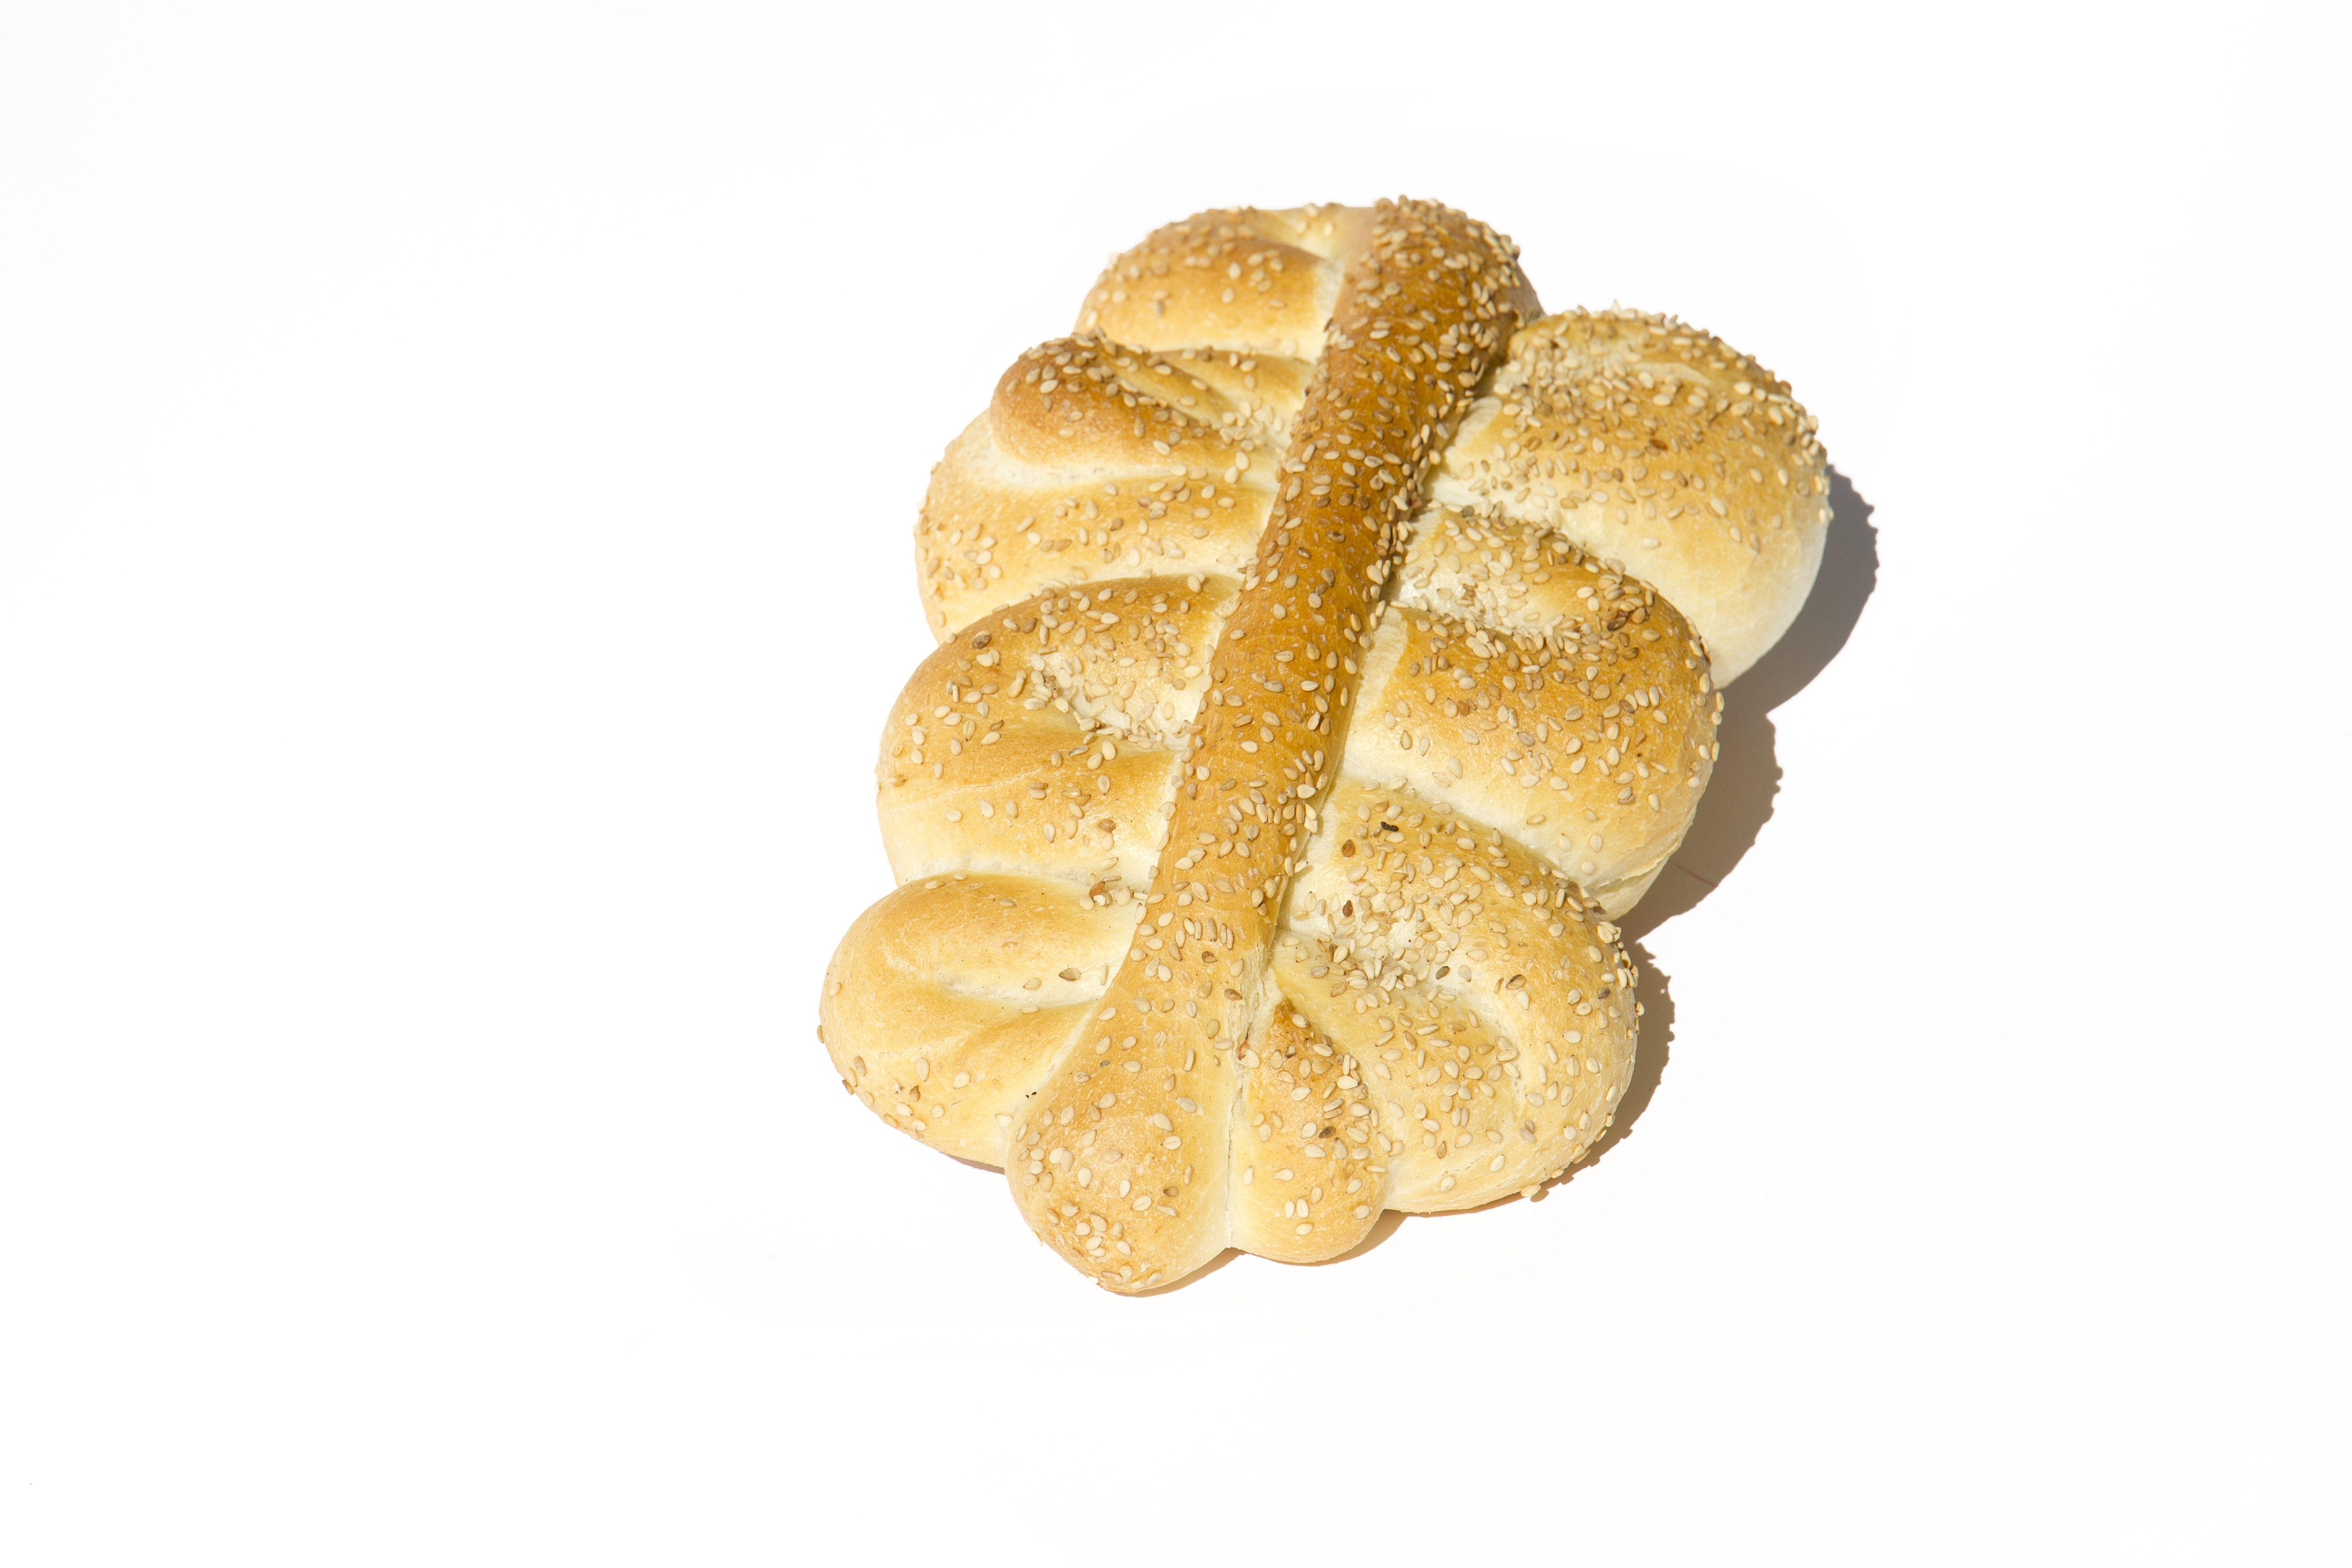 Mafalde siciliane: la ricetta del pane tipico della Sicilia ricoperto di sesamo